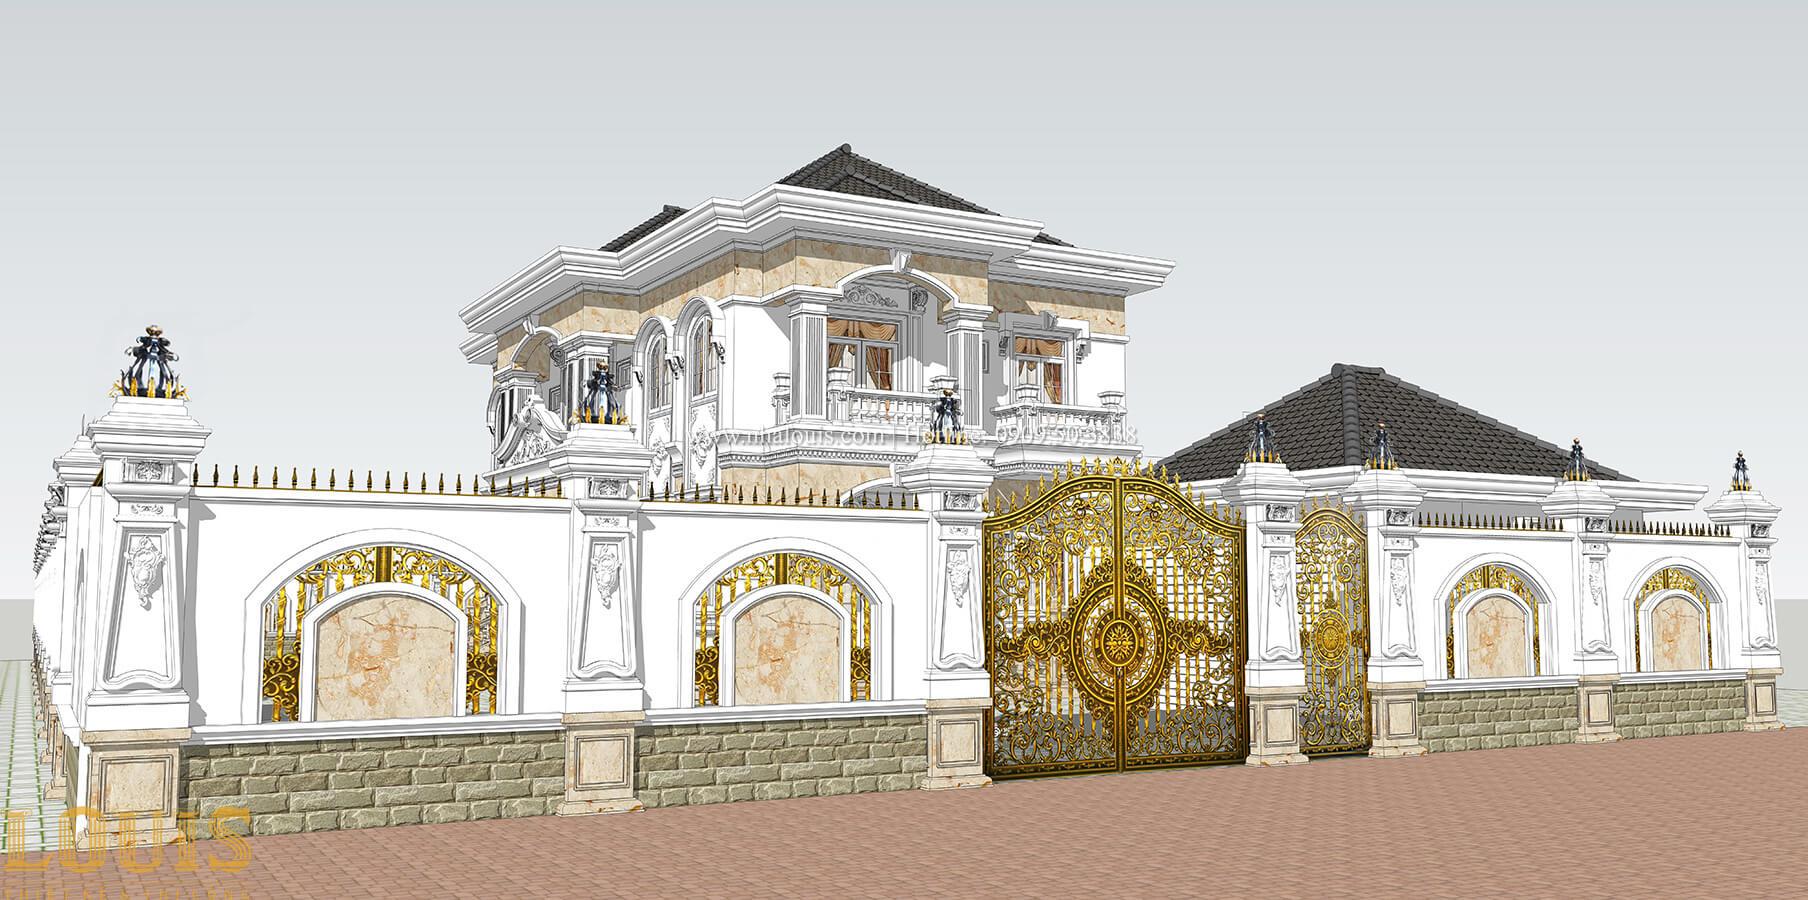 Thiết kế cổng ngoài Biệt thự 2 tầng cổ điển lộng lẫy và sang trọng tại Hóc Môn - 07